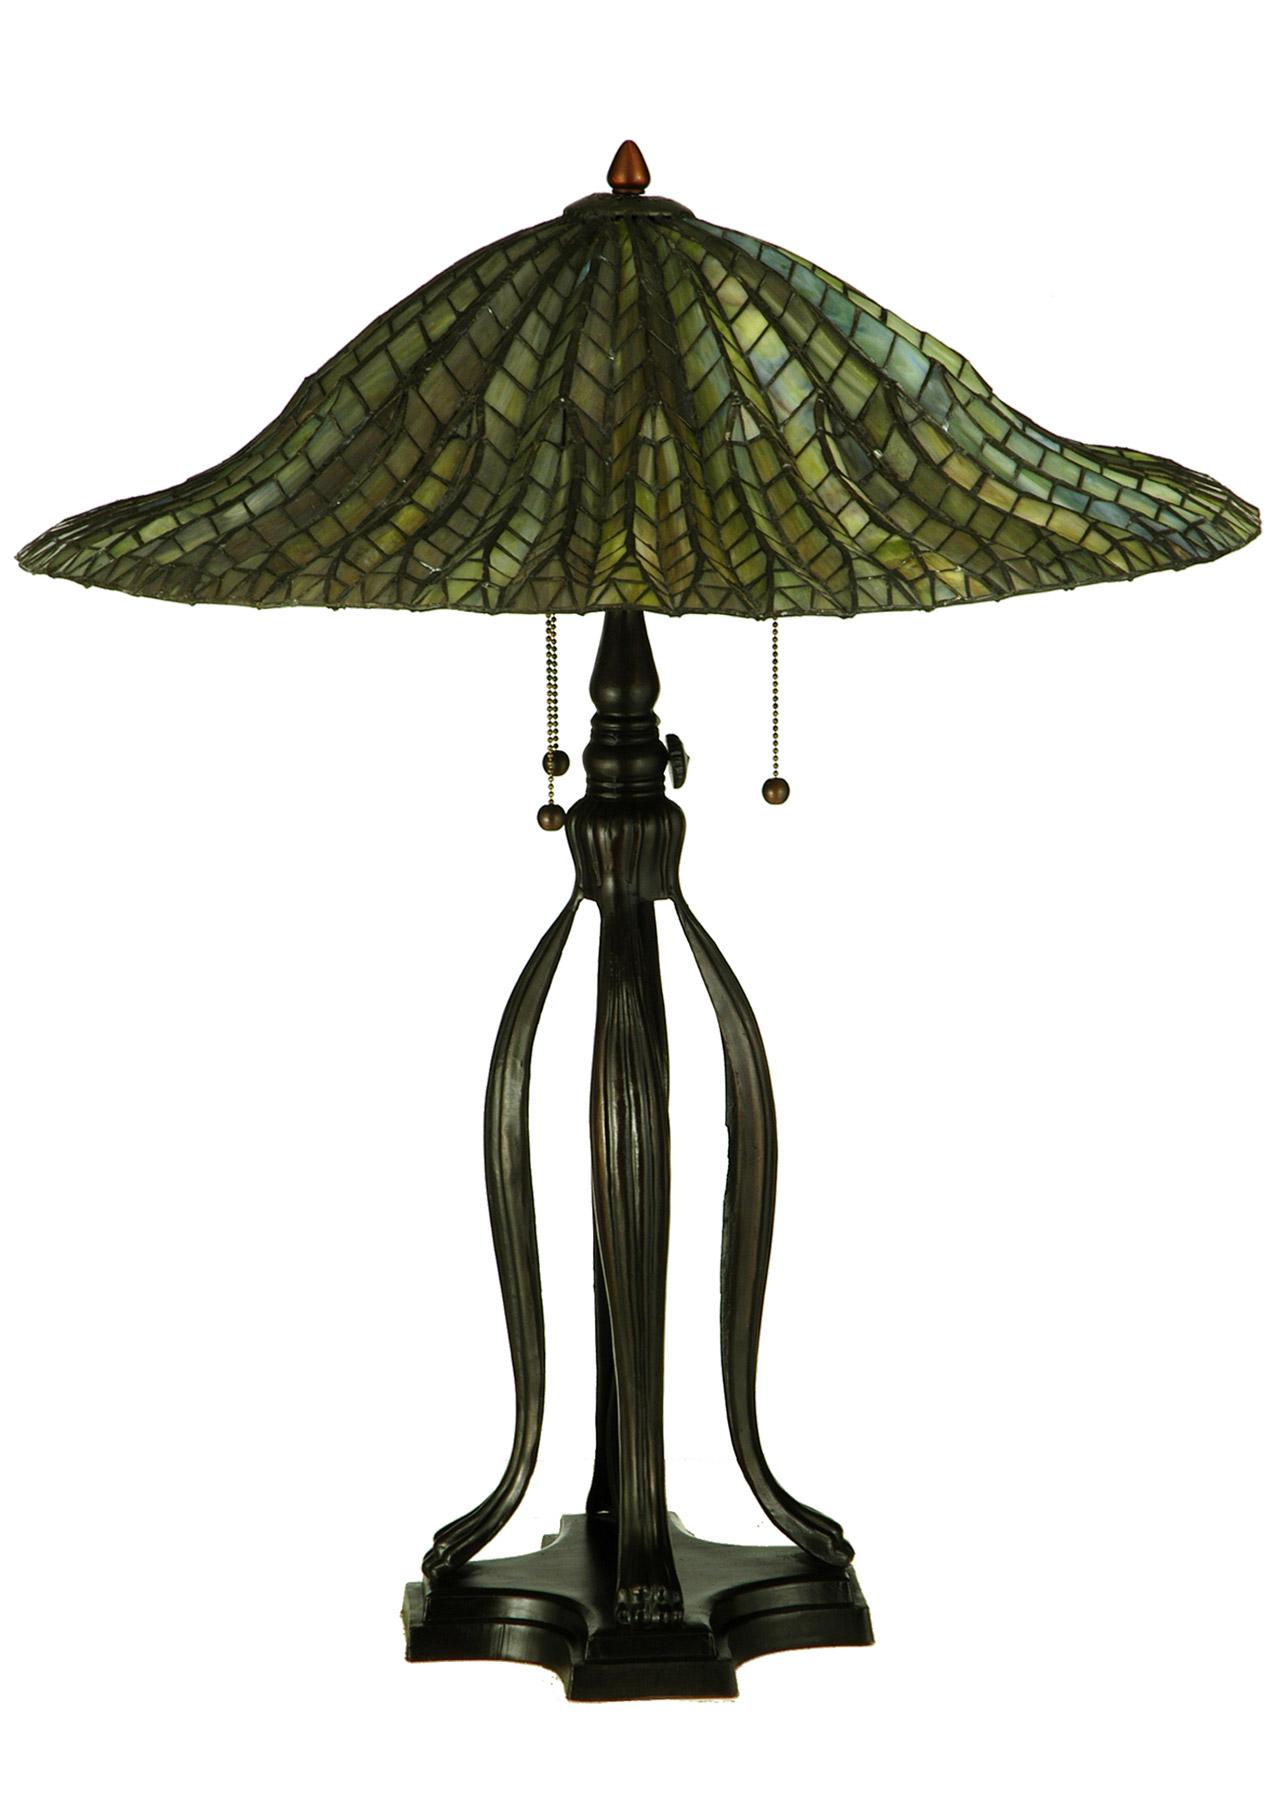 Meyda 29385 Tiffany Lotus Leaf Table Lamp